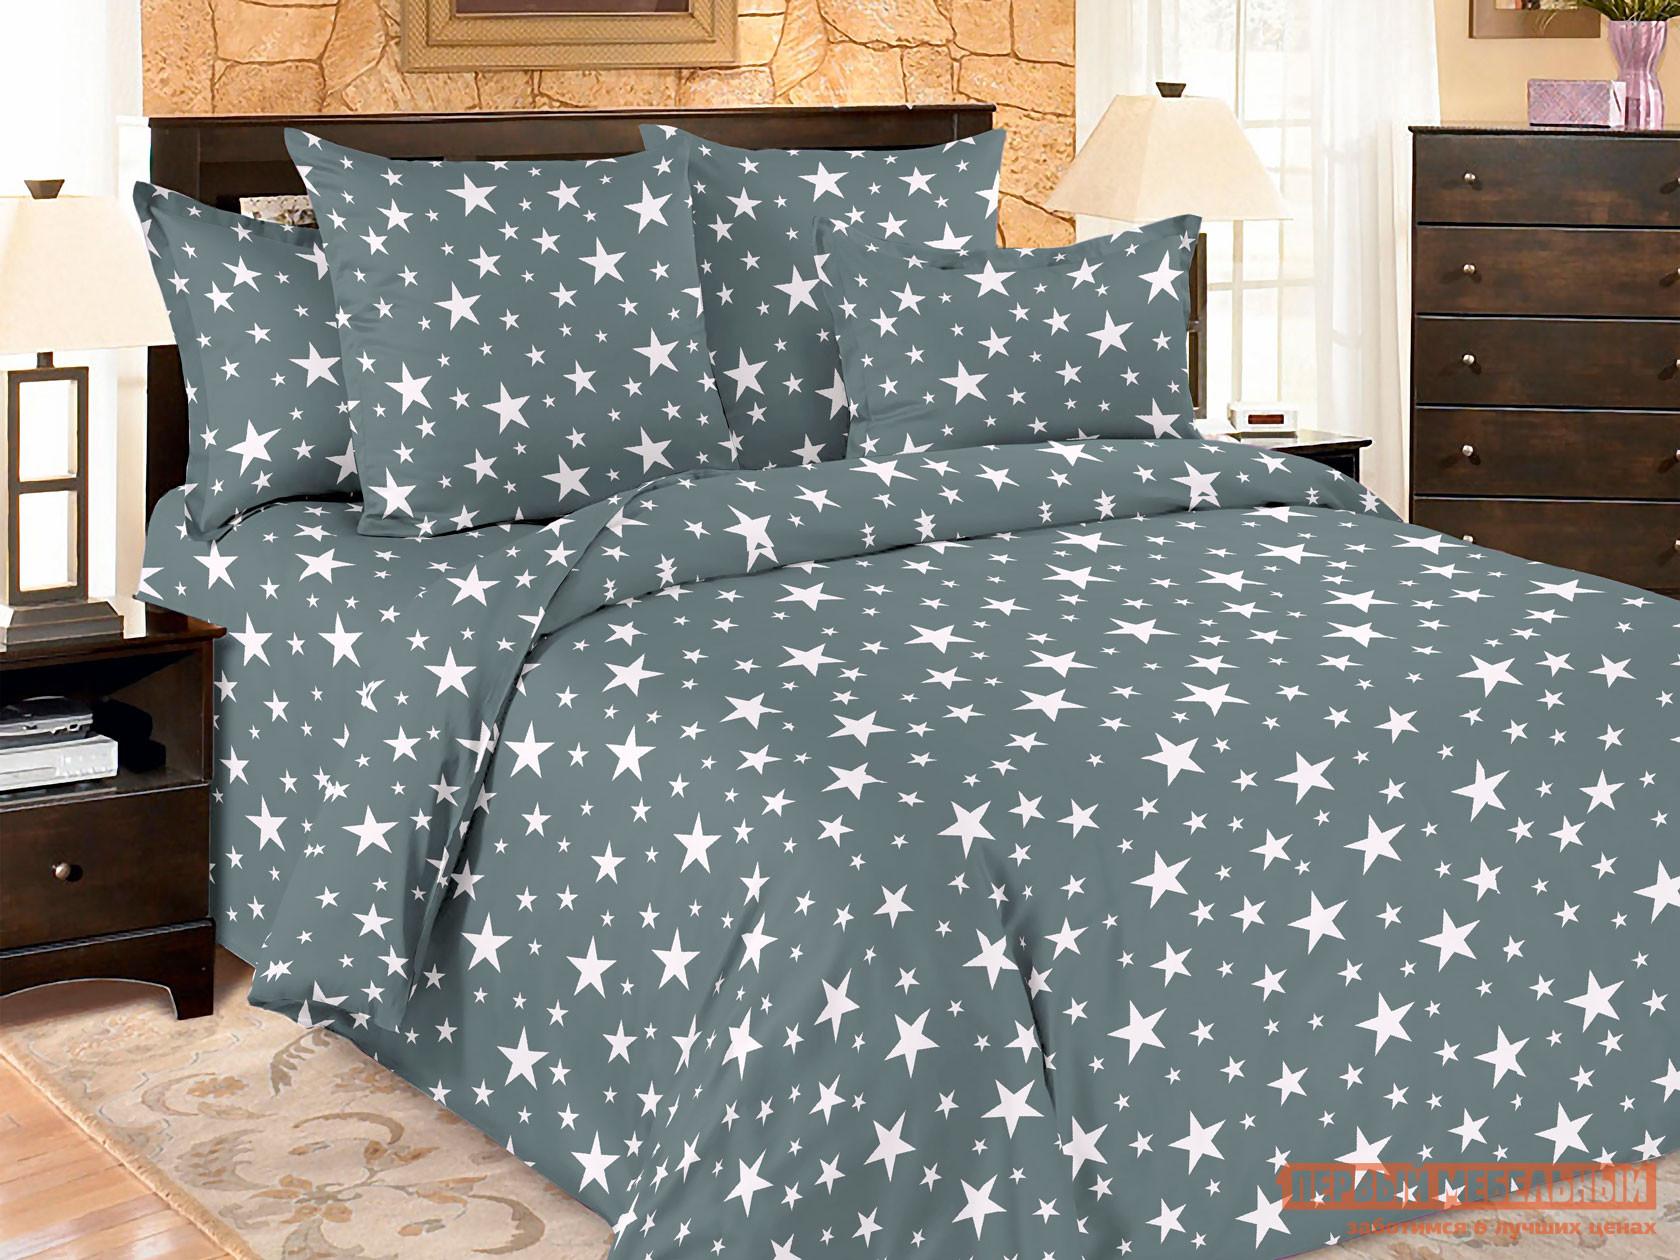 Комплект постельного белья  КПБ Amore Mio BZ Stars Звёзды, микрофибра, Полутороспальный